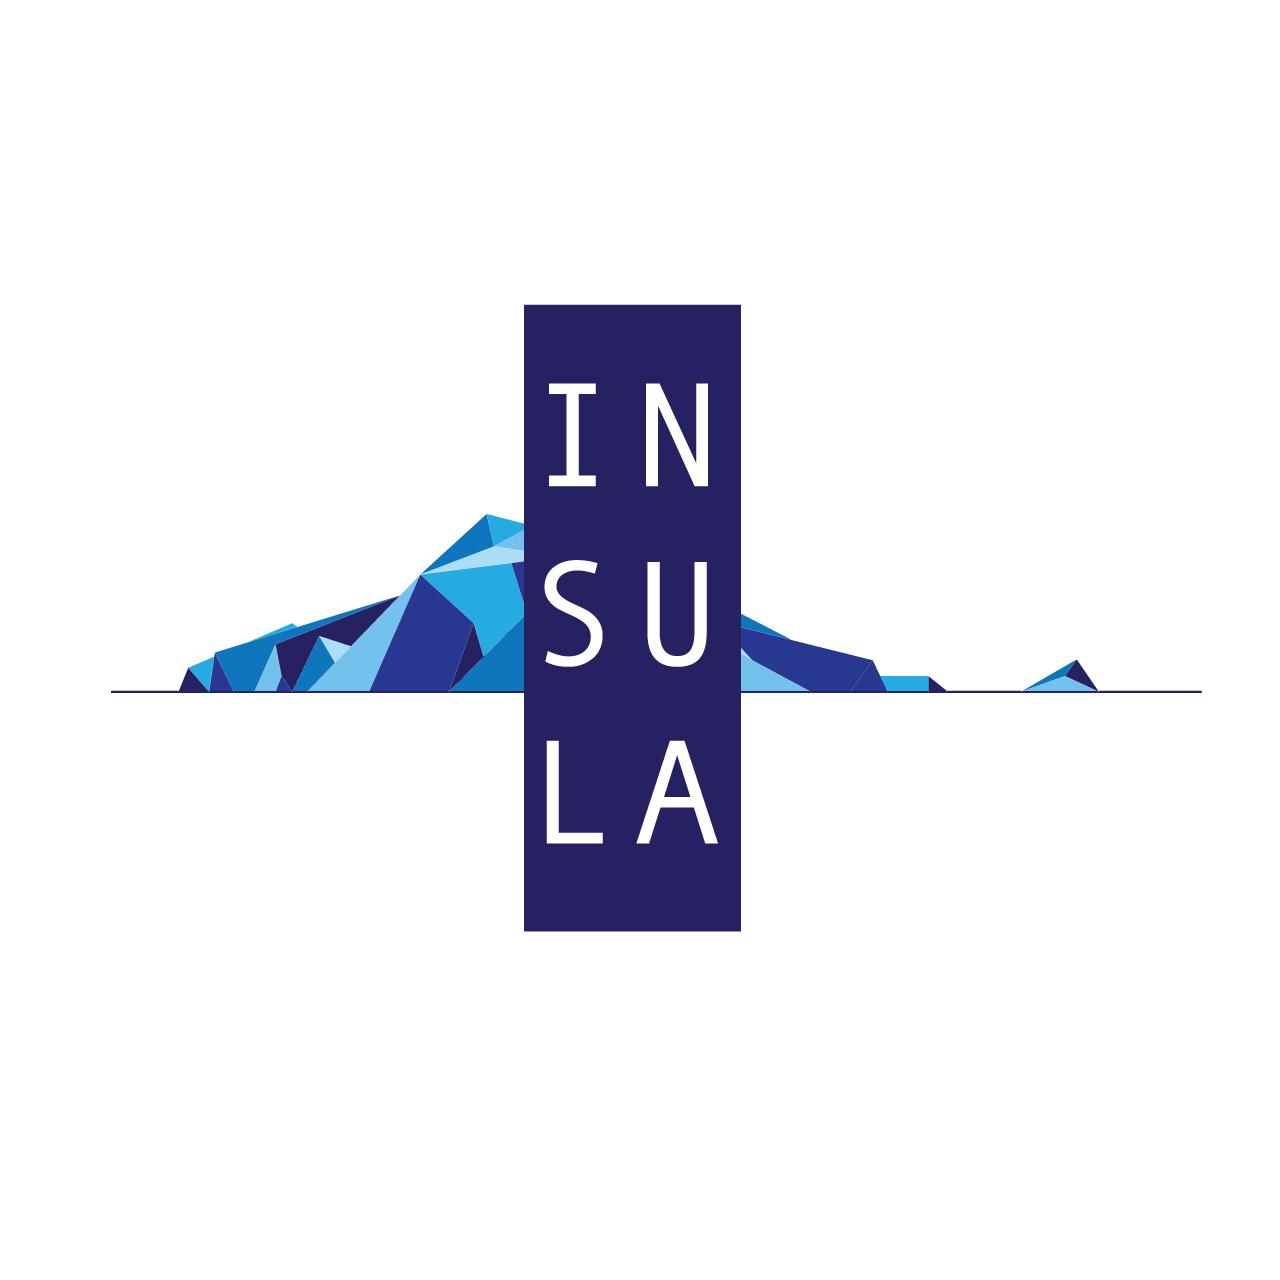 insula_1